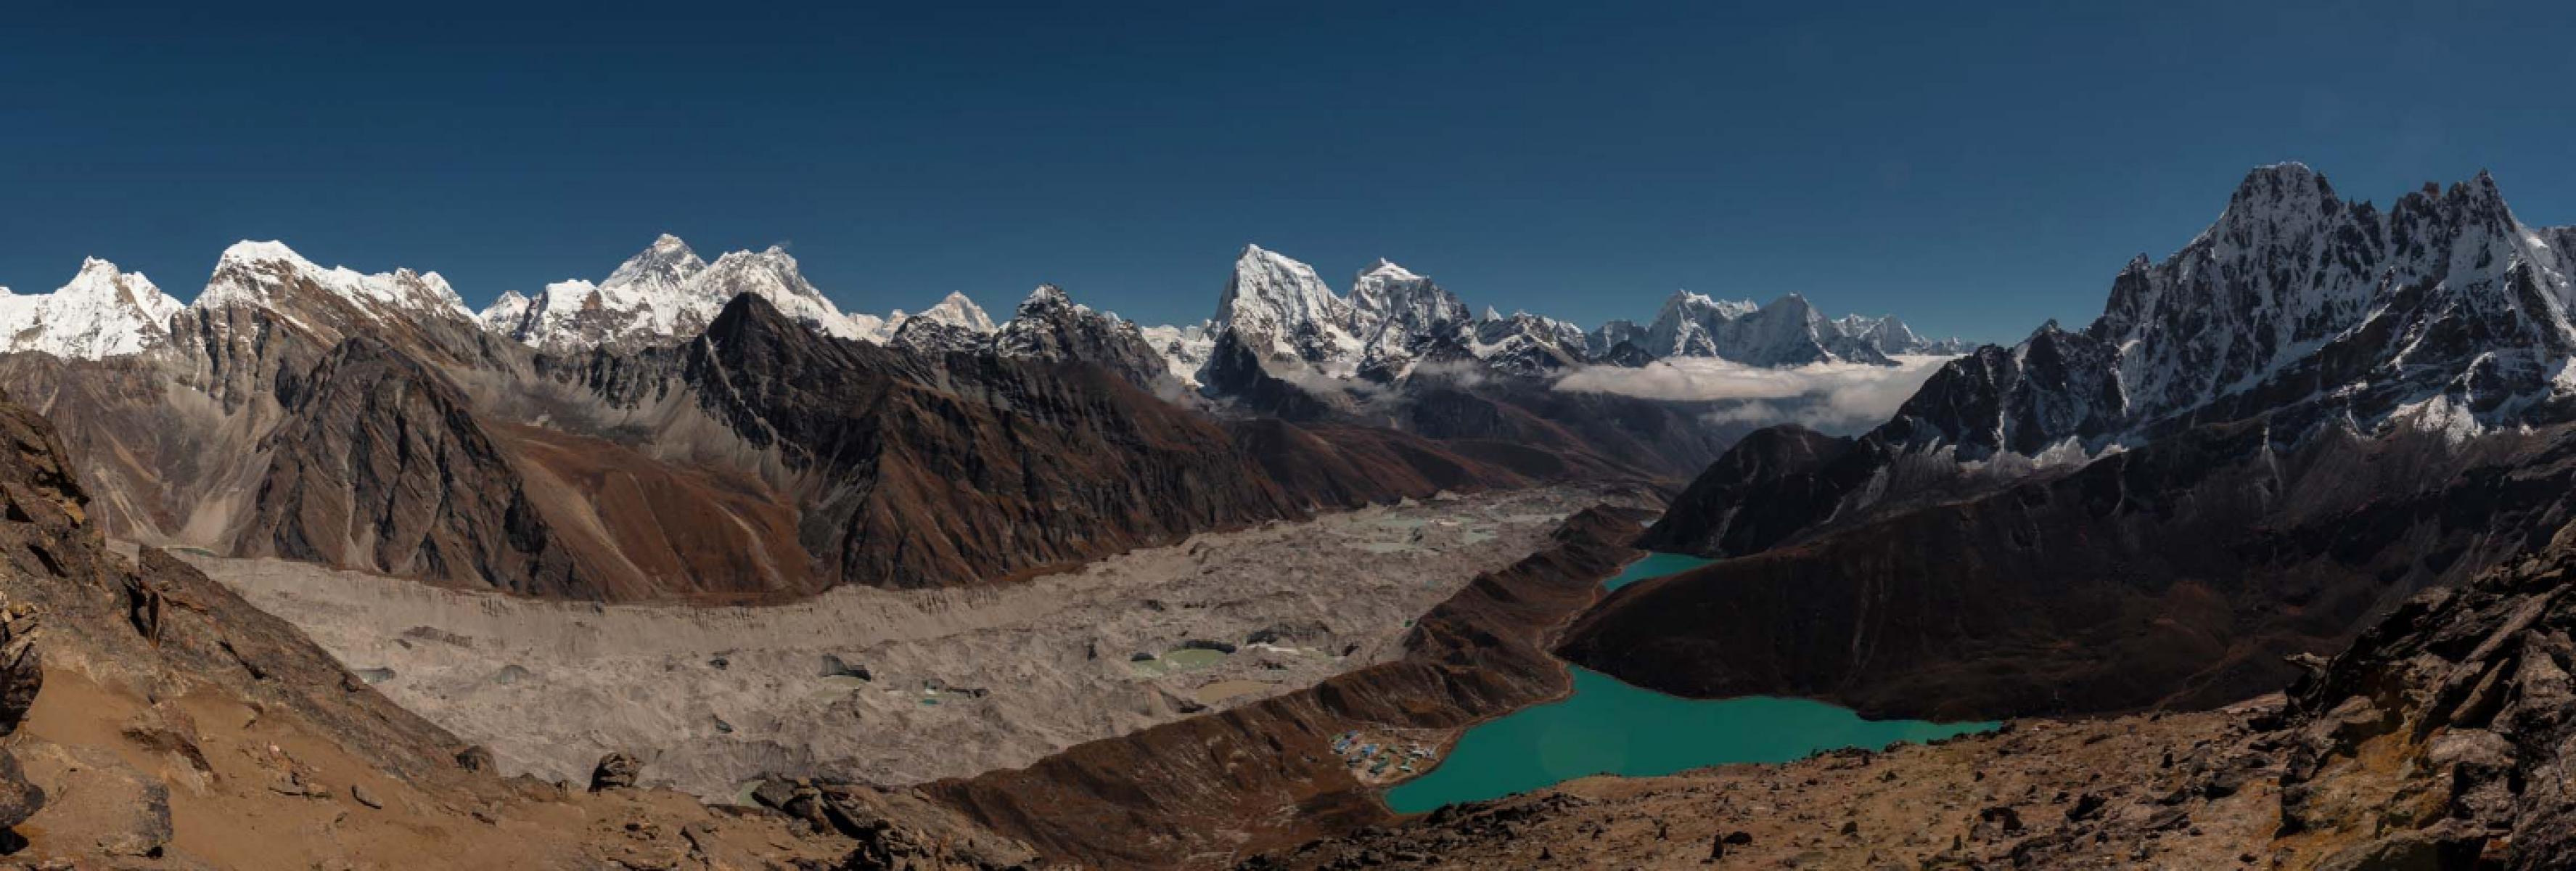 Nepal Kailash Trekking